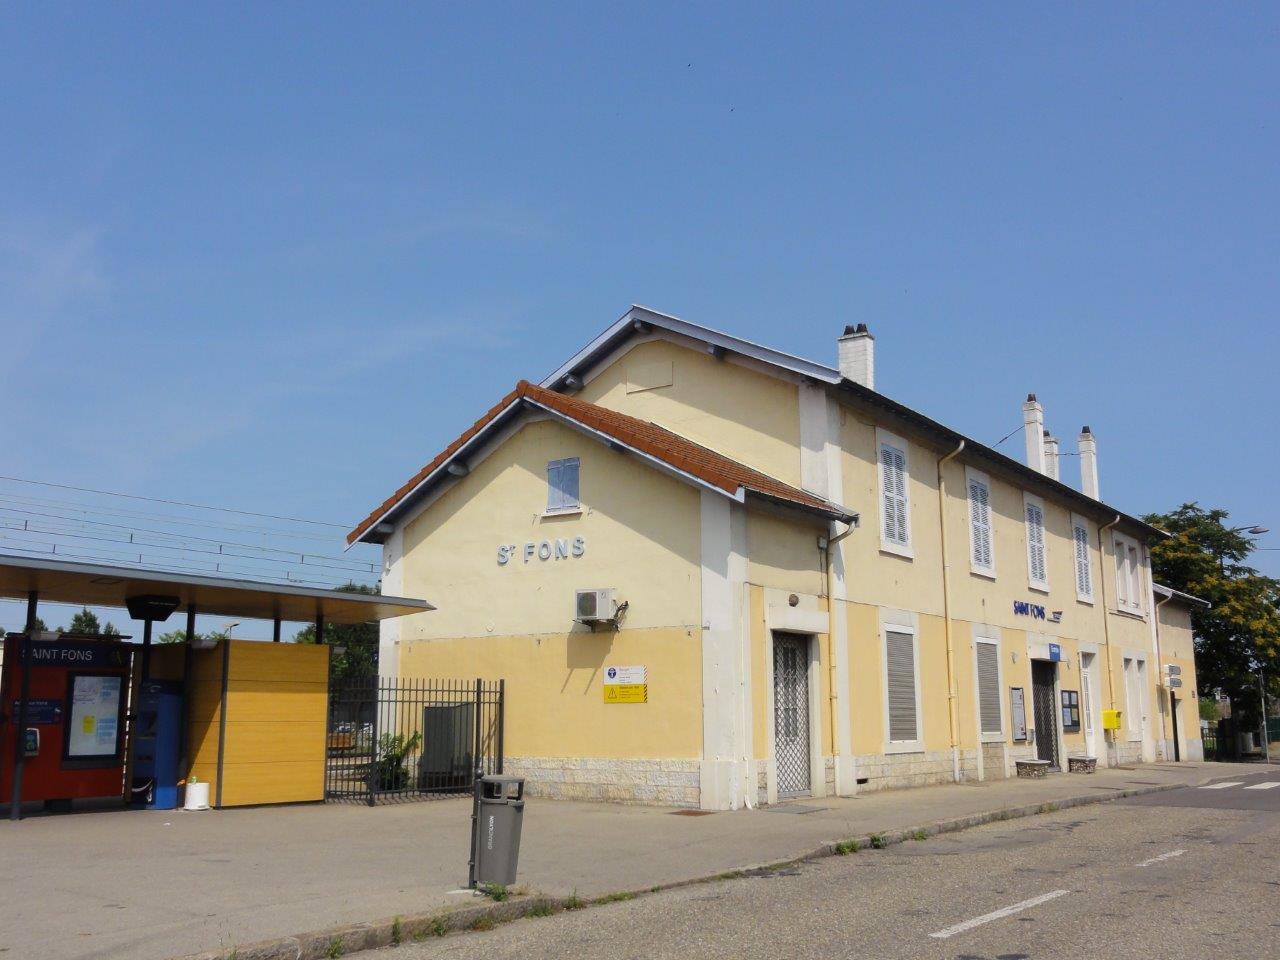 gare-de-saint-fons-train-station